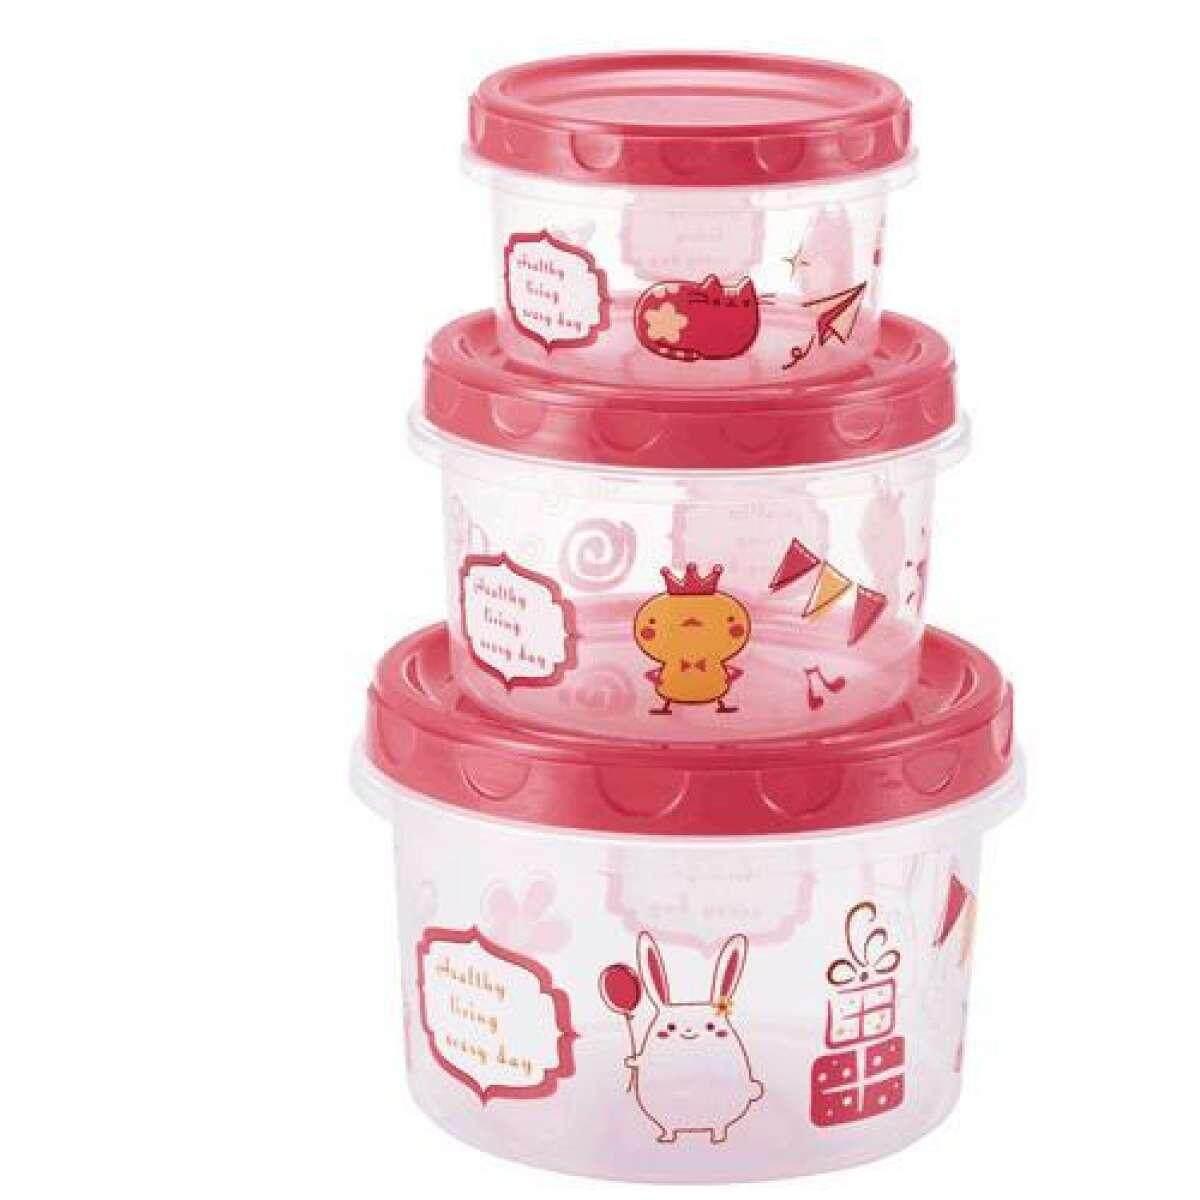 กล่องใส่อาหารทรงกลมลายการ์ตูน 3ชิ้น/ชุด สีแดง By Cleanmate24.